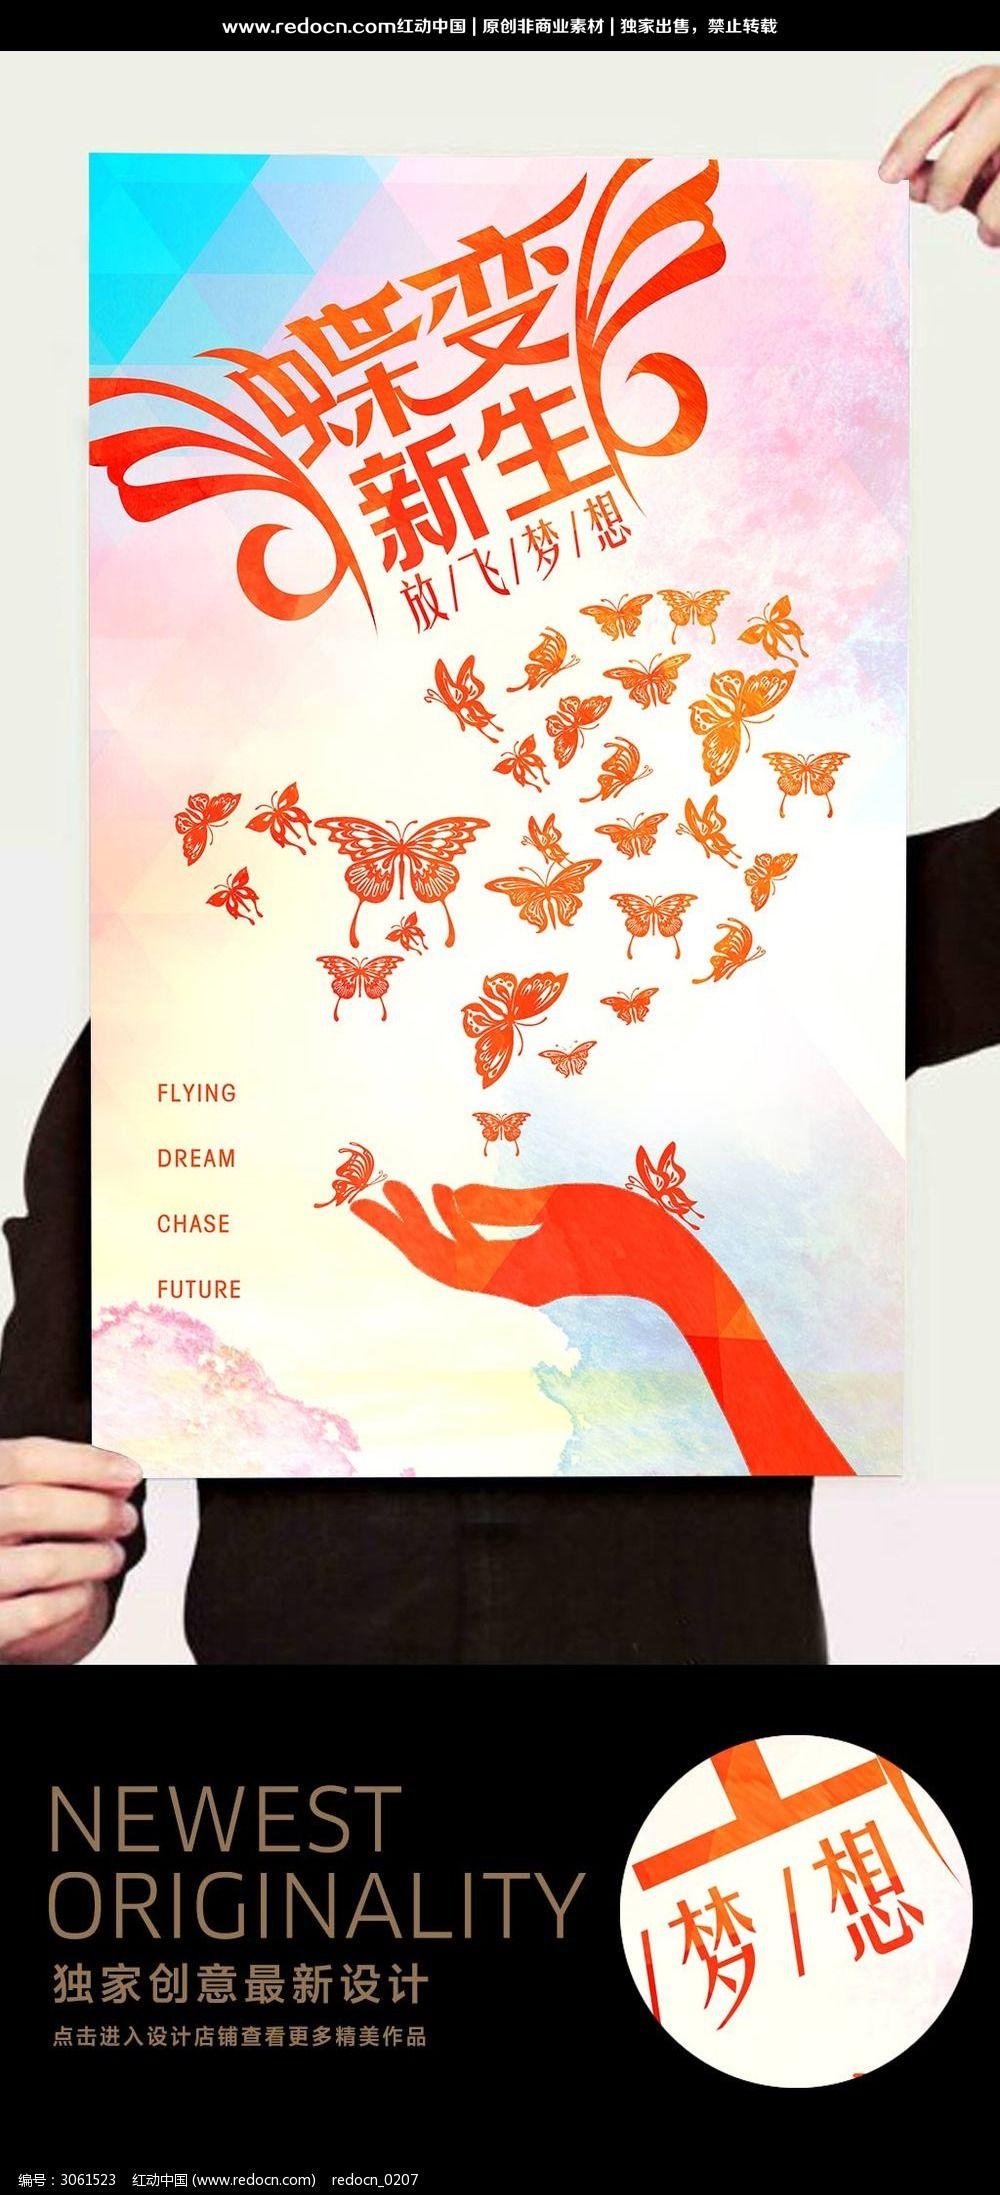 标签:蝴蝶 学生 飞翔 蝶变 新生 放飞梦想 梦想 青春活力 手 蝴蝶 放飞 图片